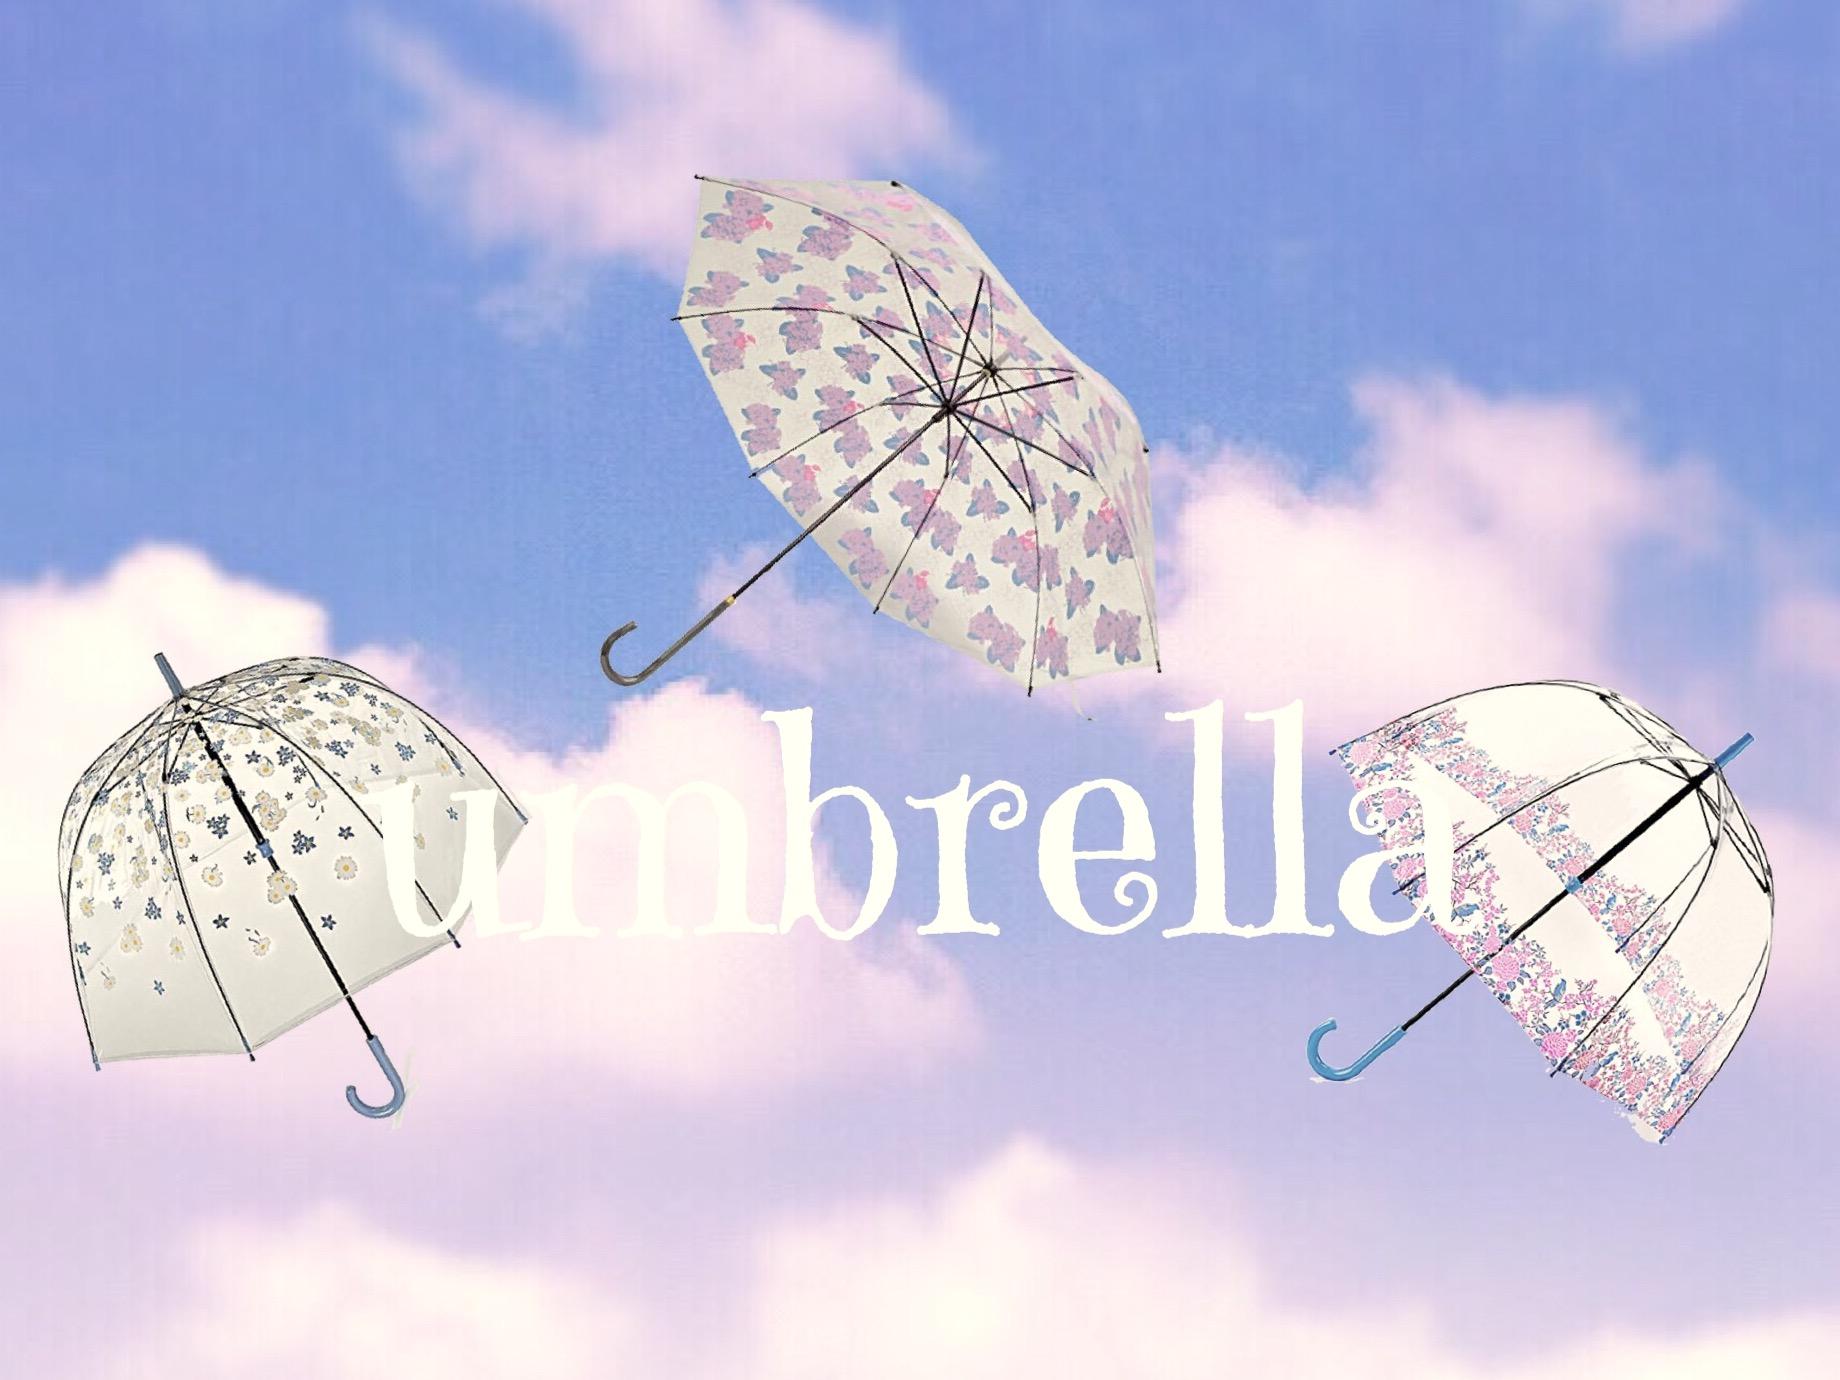 かわいいビニール傘特集!雨の日コーデをもっと可愛くしちゃお!